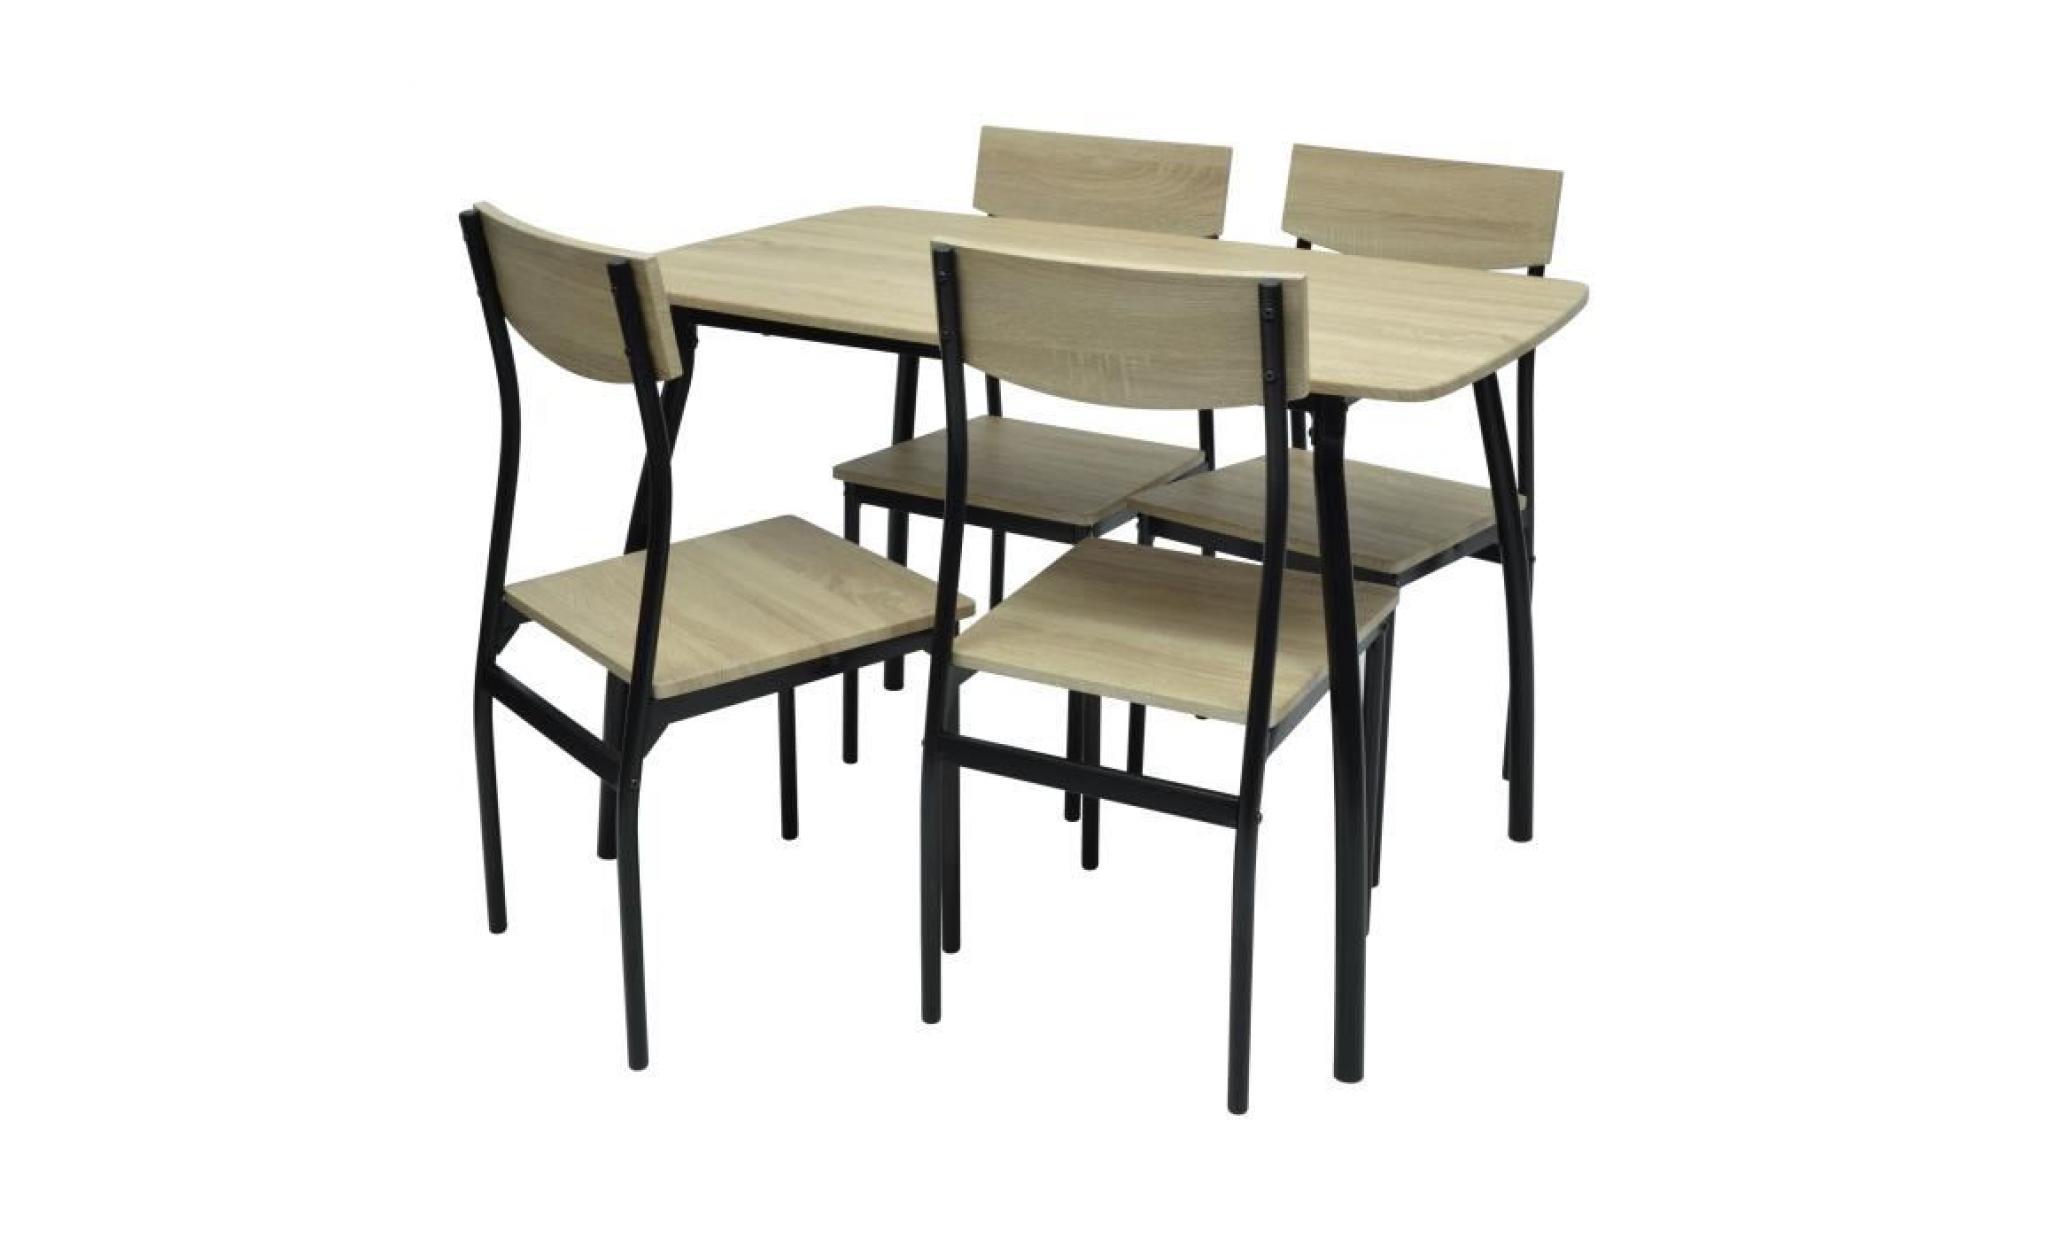 meloka ensemble table a manger de 4 a 6 personnes 4 chaises style contemporain marron naturel laque l 110 x l 70 cm achat vente table salle a manger pas cher couleur et design fr